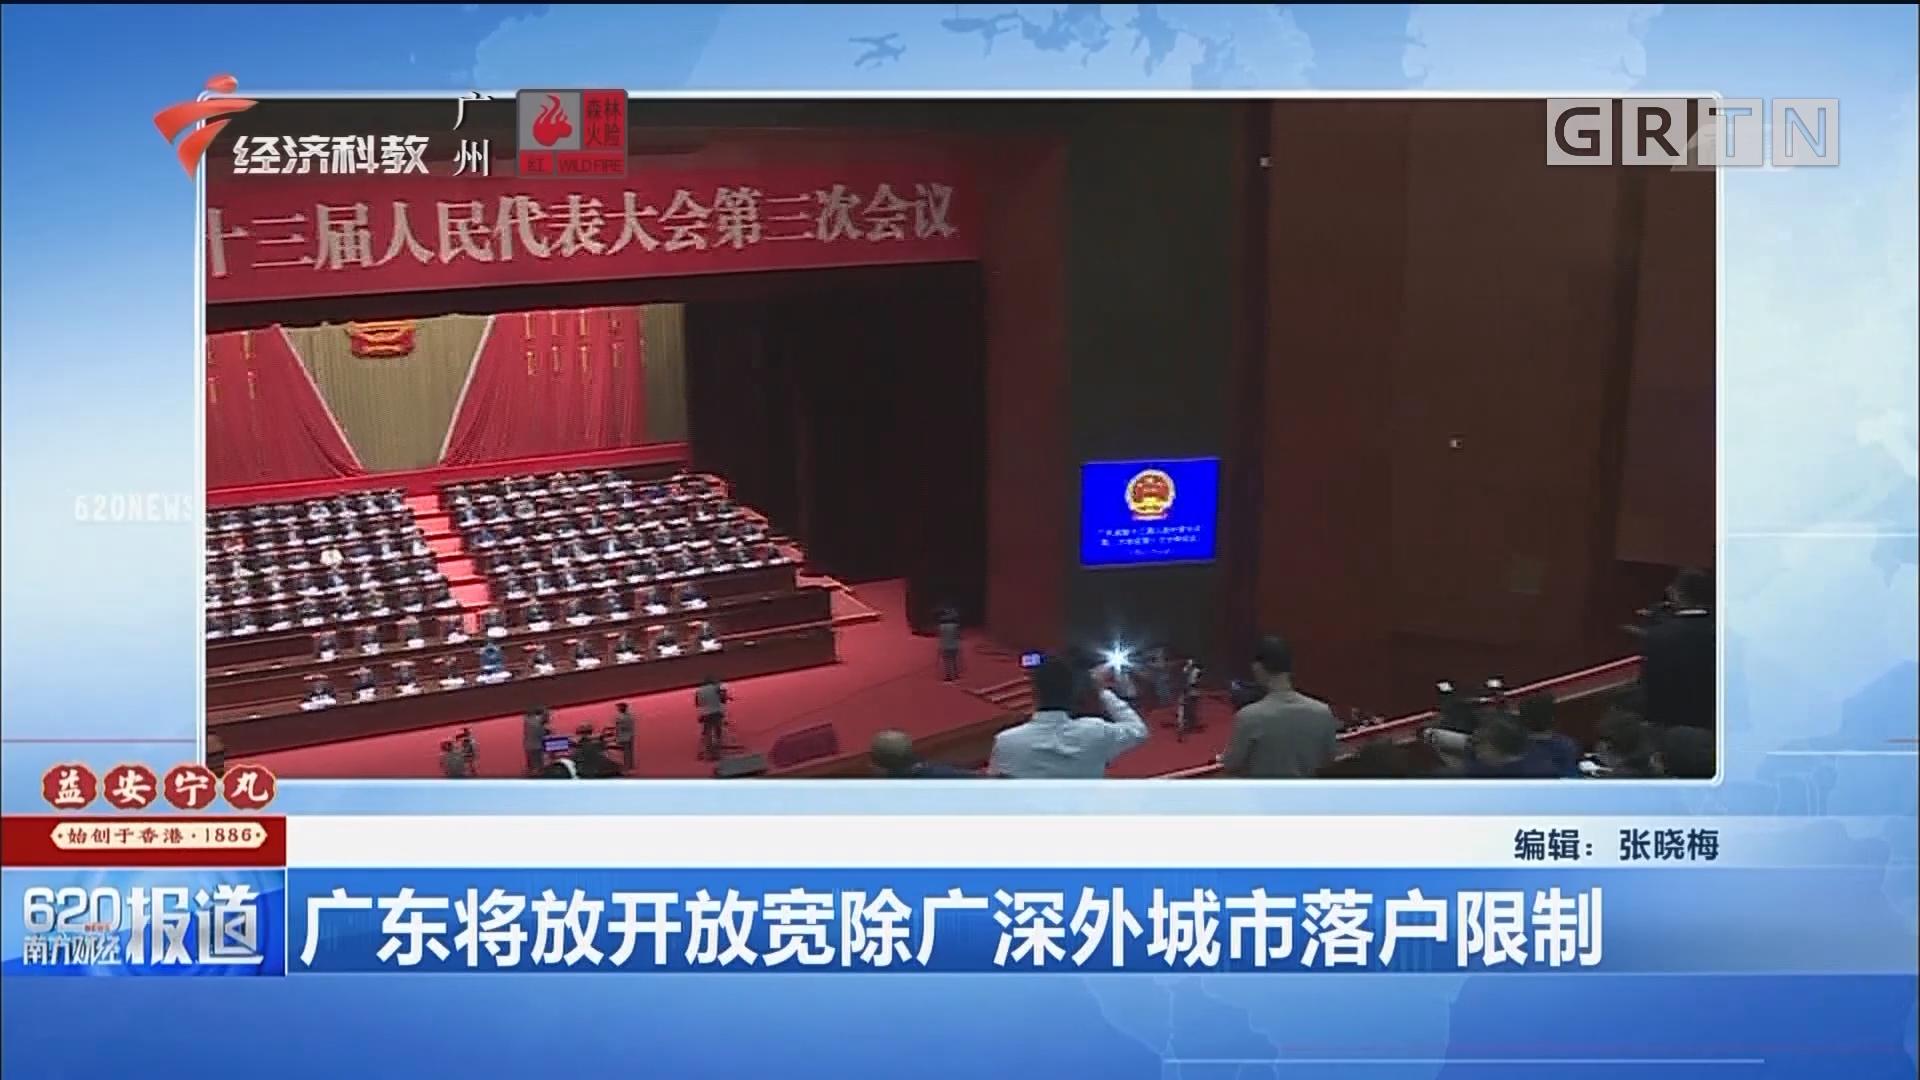 广东将放开放宽除广深外城市落户限制